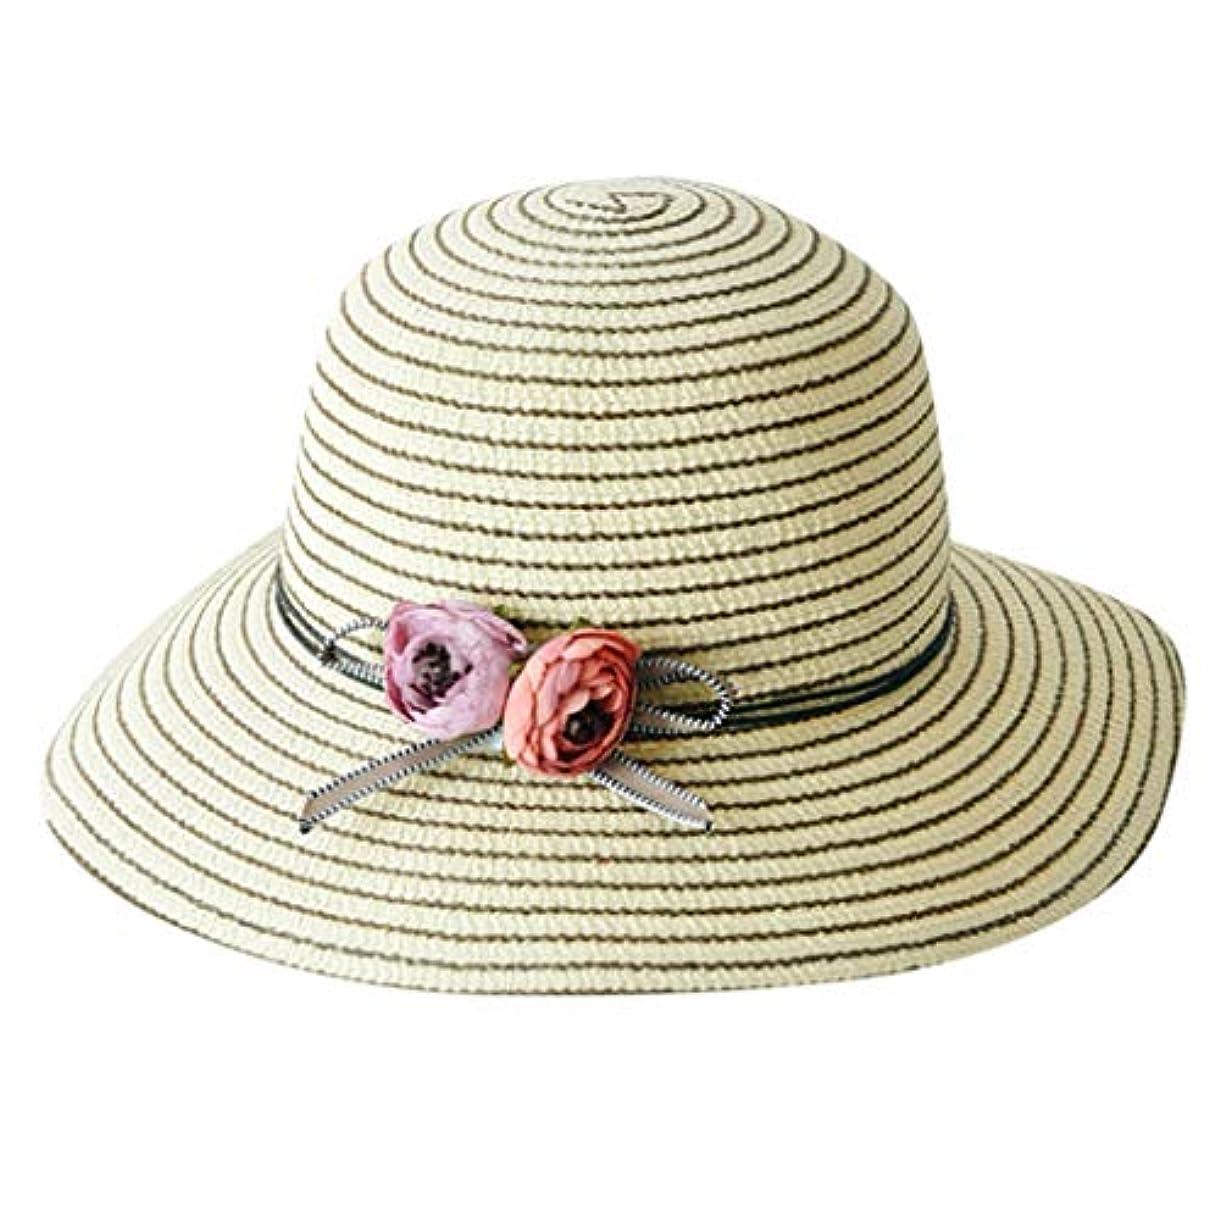 入手します構成固有の帽子 レディース 漁師帽 夏 UVカット 帽子 綿糸 ハット レディース 紫外線100%カット UV ハット 可愛い 小顔効果抜群 日よけ 折りたたみ つば広 小顔効果抜群 折りたたみ 海 旅行 ROSE ROMAN